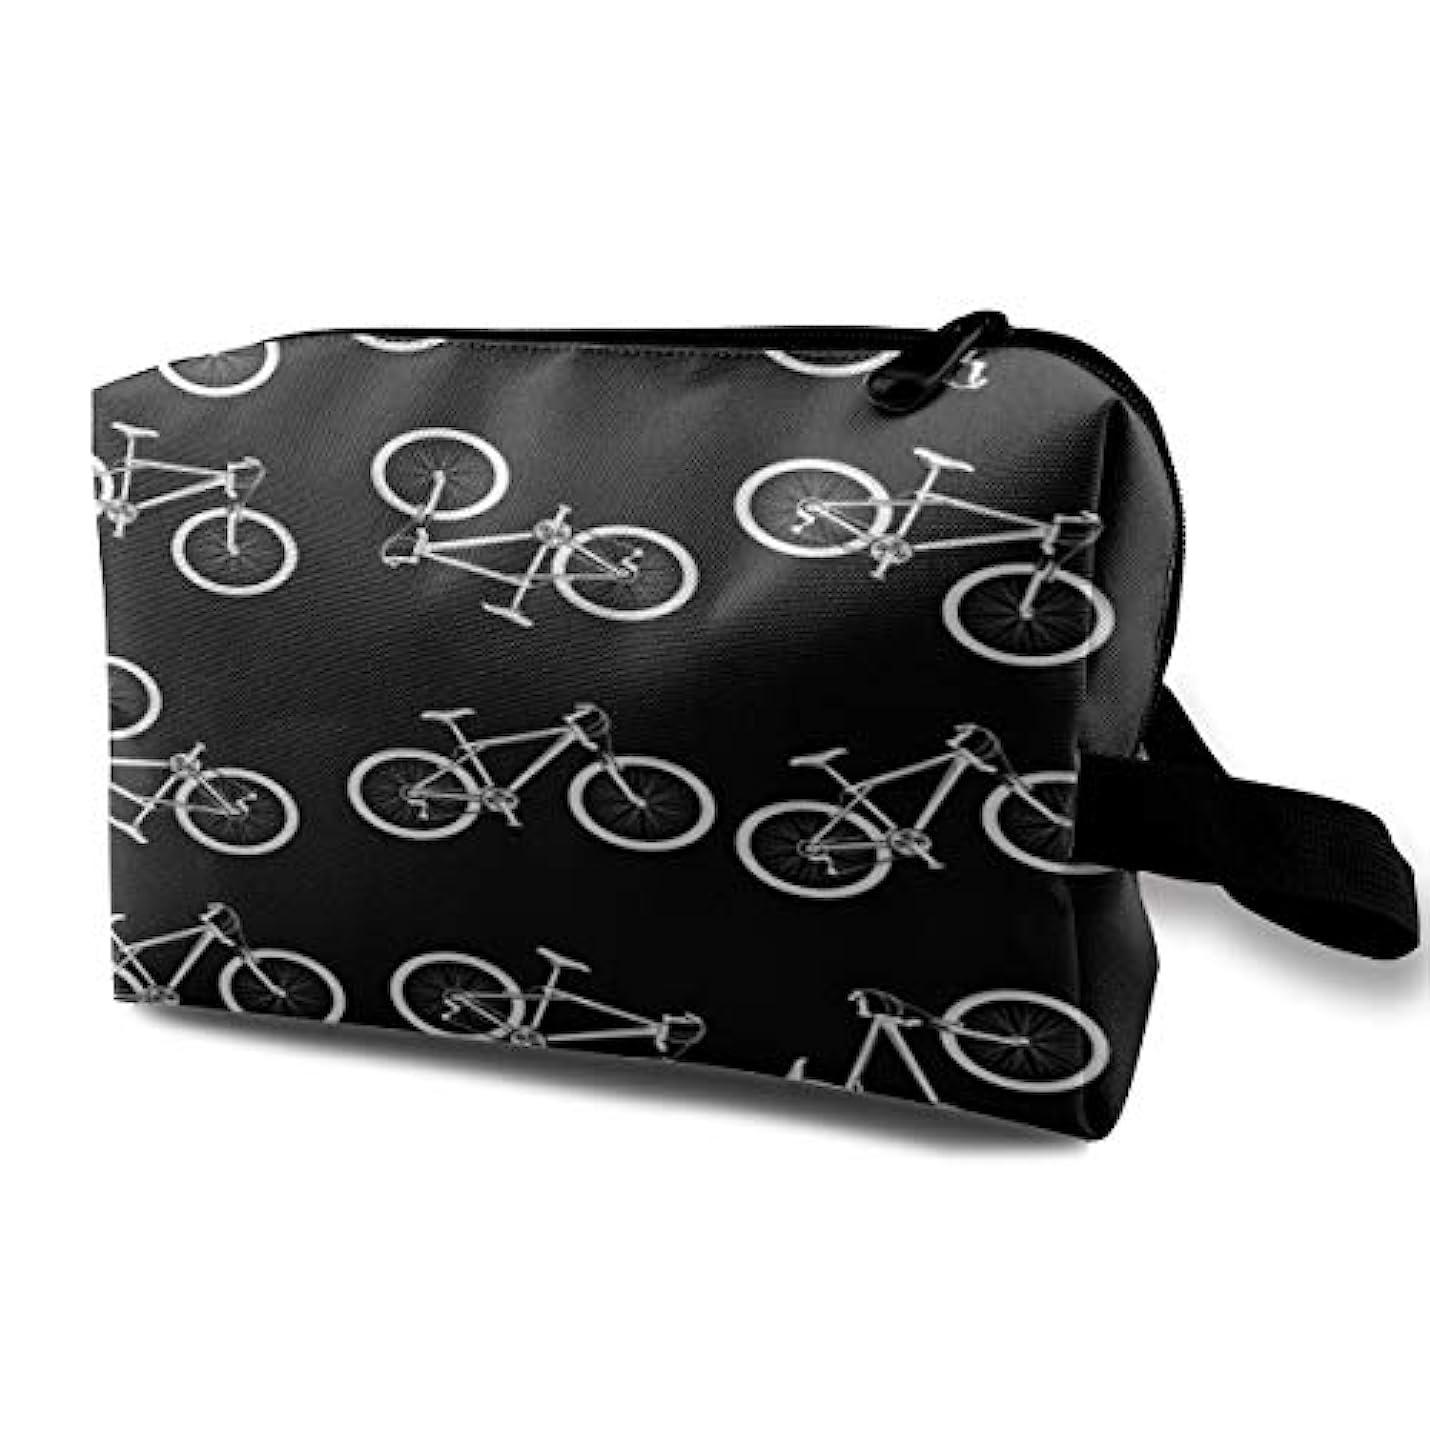 ピジンスポーツ原点White Sport Bicycle 収納ポーチ 化粧ポーチ 大容量 軽量 耐久性 ハンドル付持ち運び便利。入れ 自宅?出張?旅行?アウトドア撮影などに対応。メンズ レディース トラベルグッズ